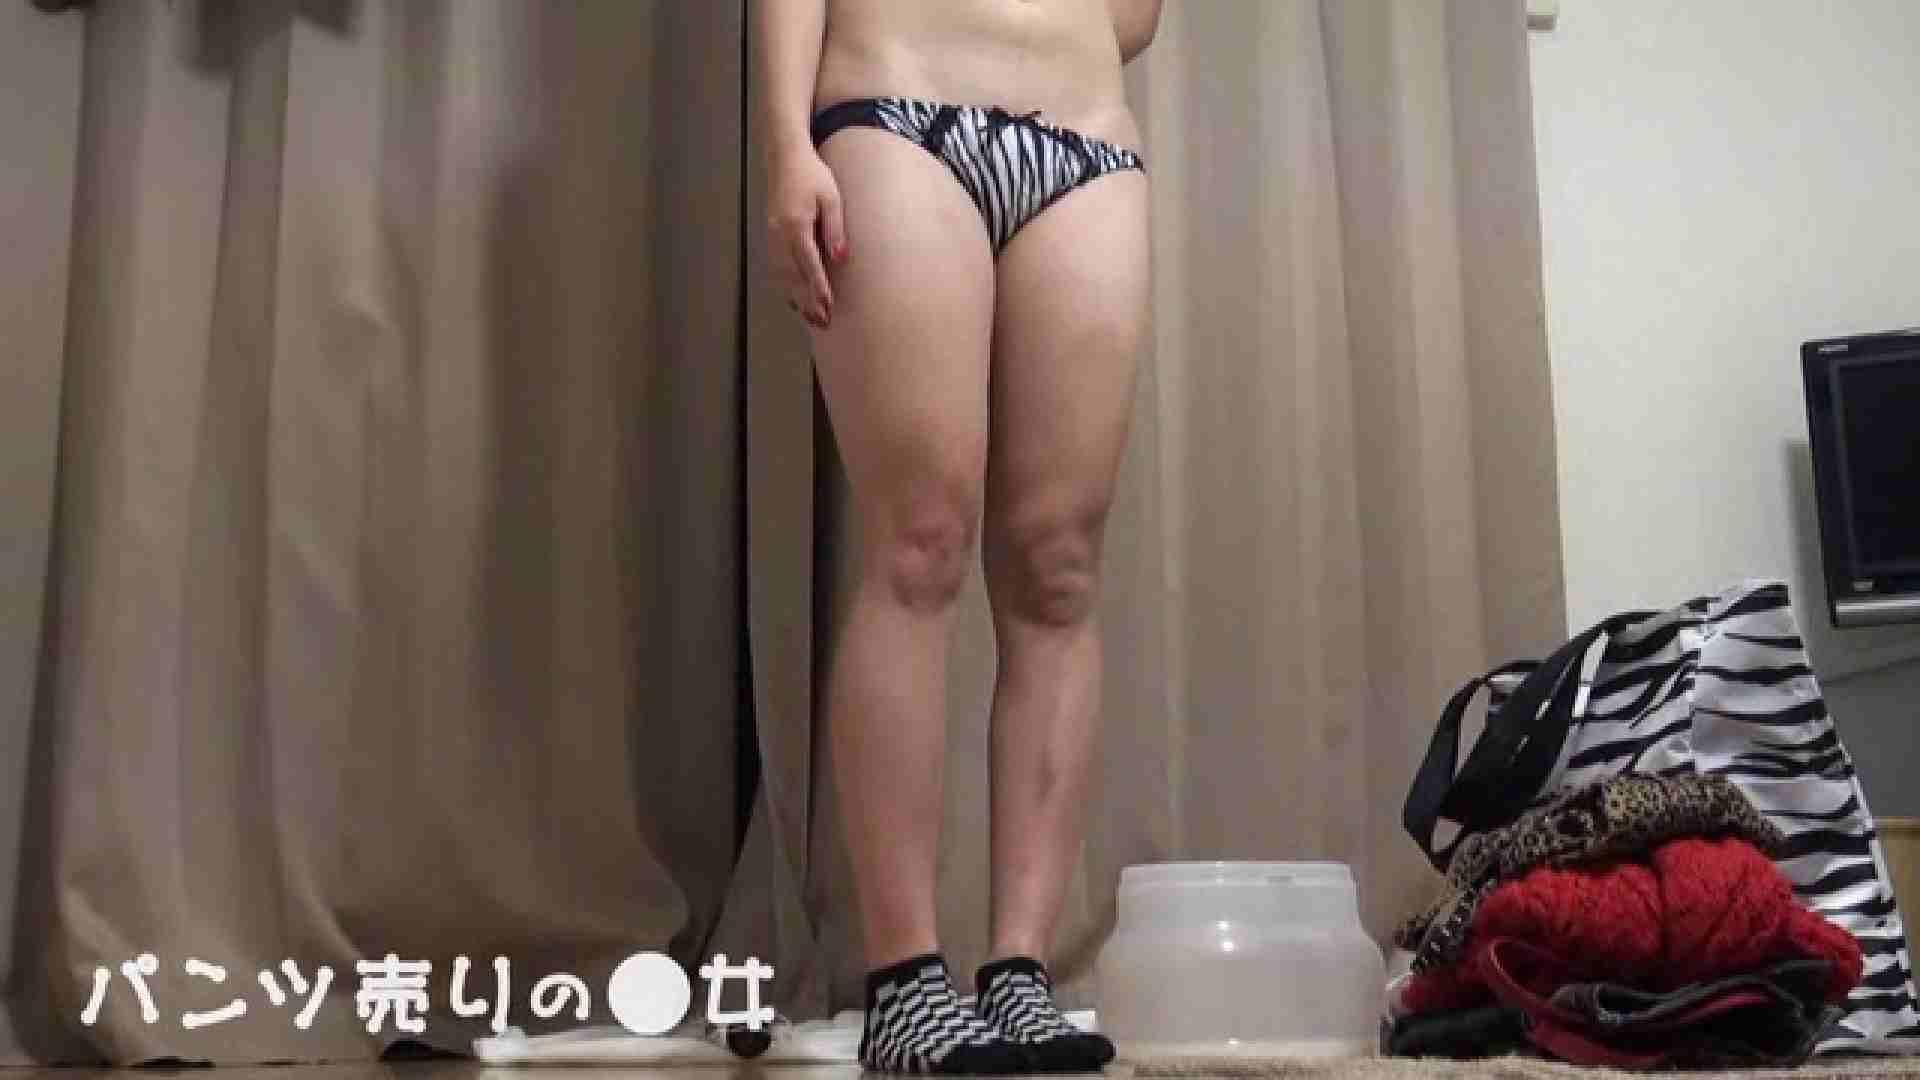 新説 パンツ売りの女の子mizuki パンツ  47連発 36